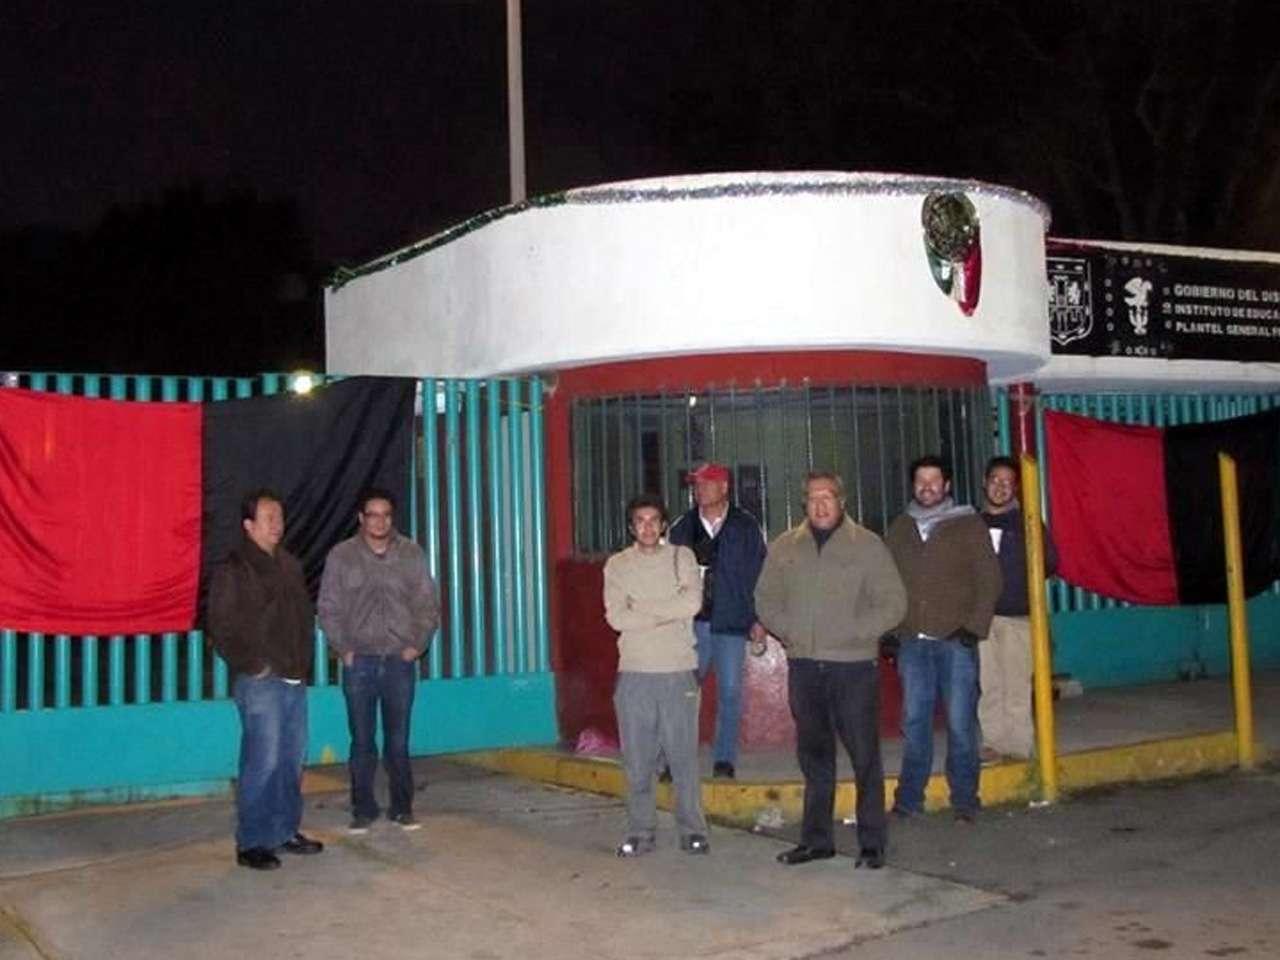 Los planteles del Instituto de Educación Media Superior también fueron cerrados en noviembre del año pasado por los trabajadores sindicalizados. Foto: Archivo/Reforma